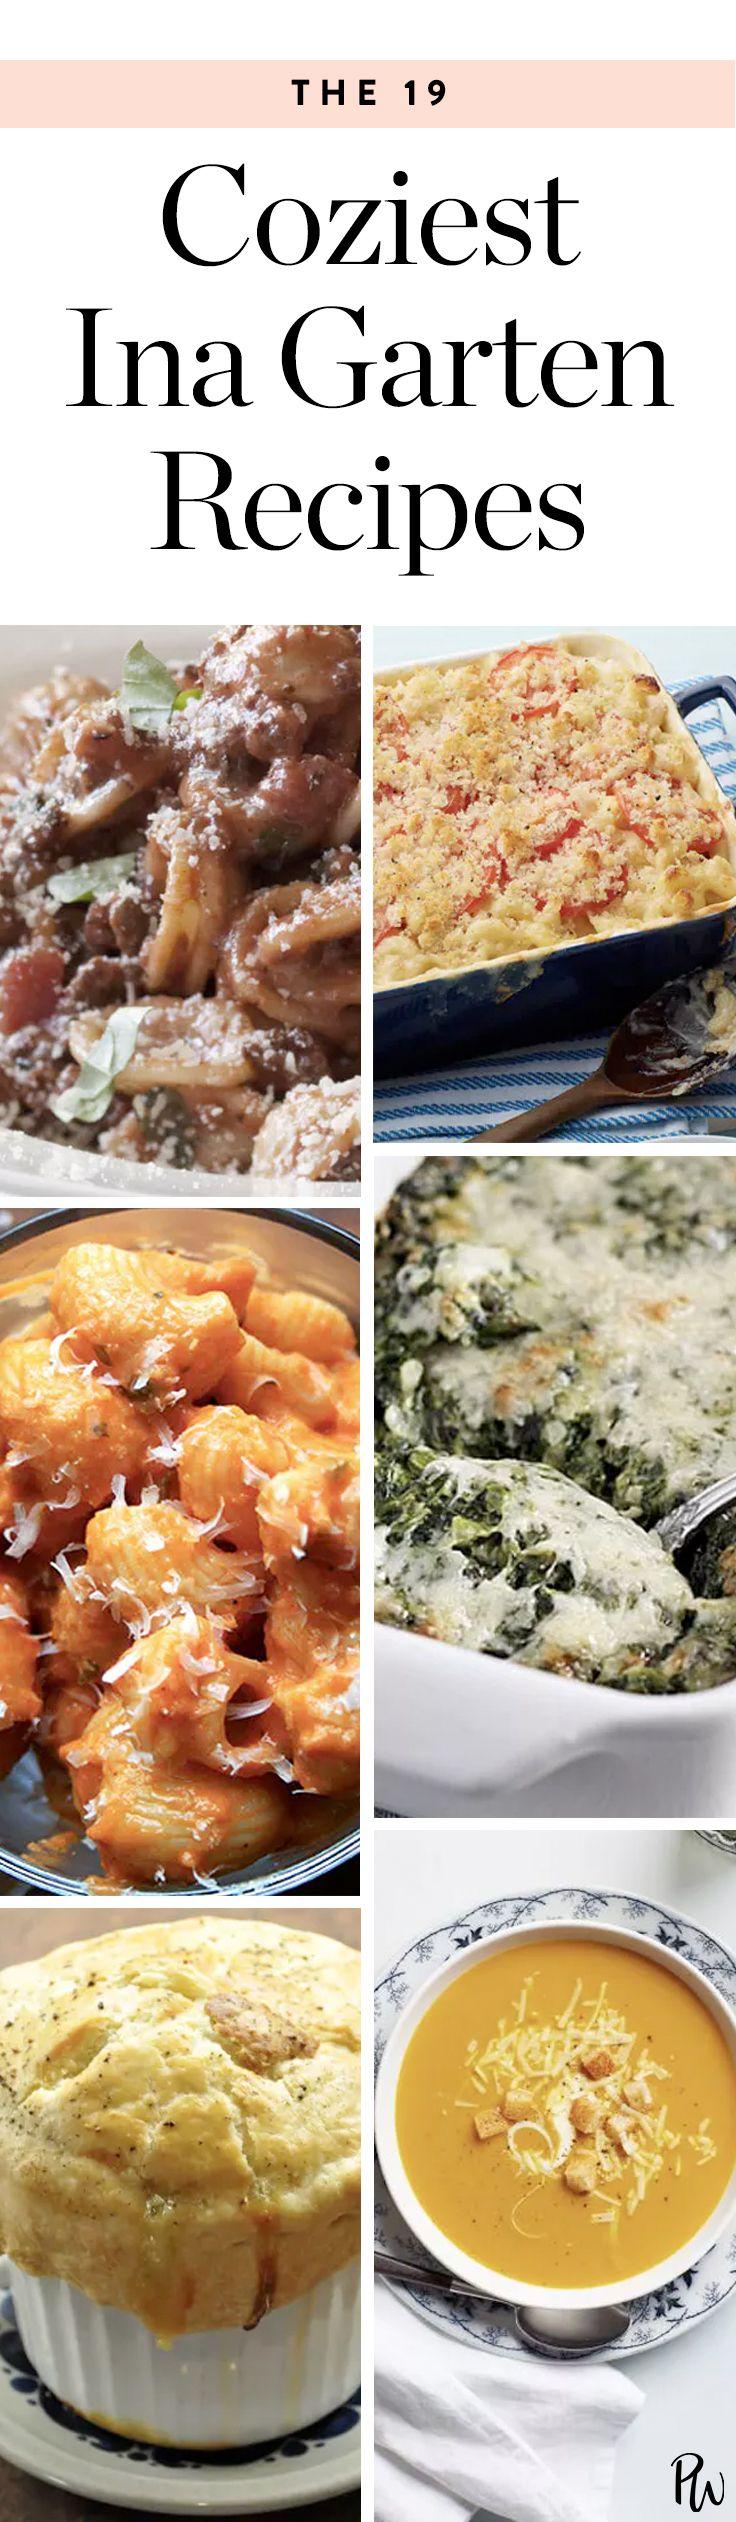 the 19 coziest recipes from queen ina garten